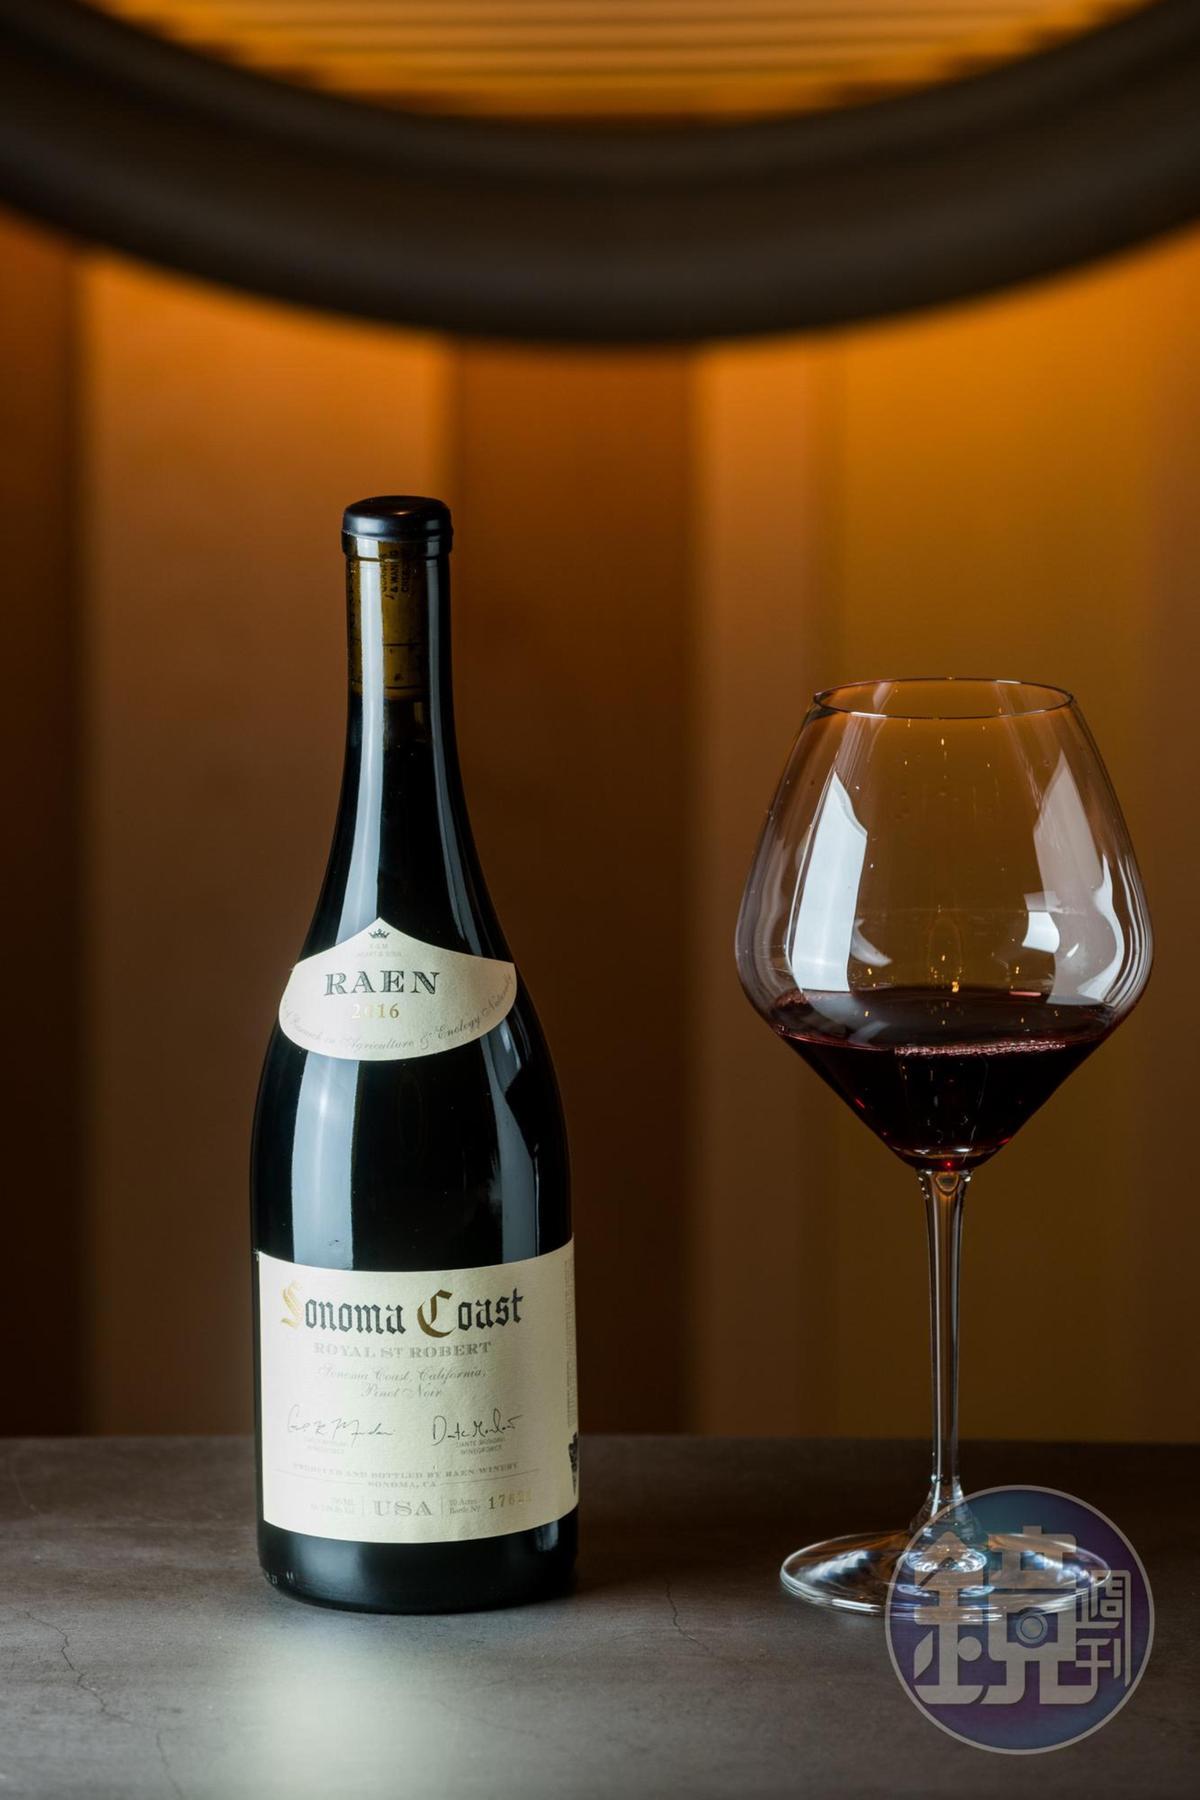 「索諾瑪聖羅伯黑皮諾紅酒2016」是Carlo與Dante獻給他們敬愛的祖父Robert Mondavi的代表作,野莓、櫻桃及玫瑰花瓣的香氣,十分高雅。(3,550元 /瓶)